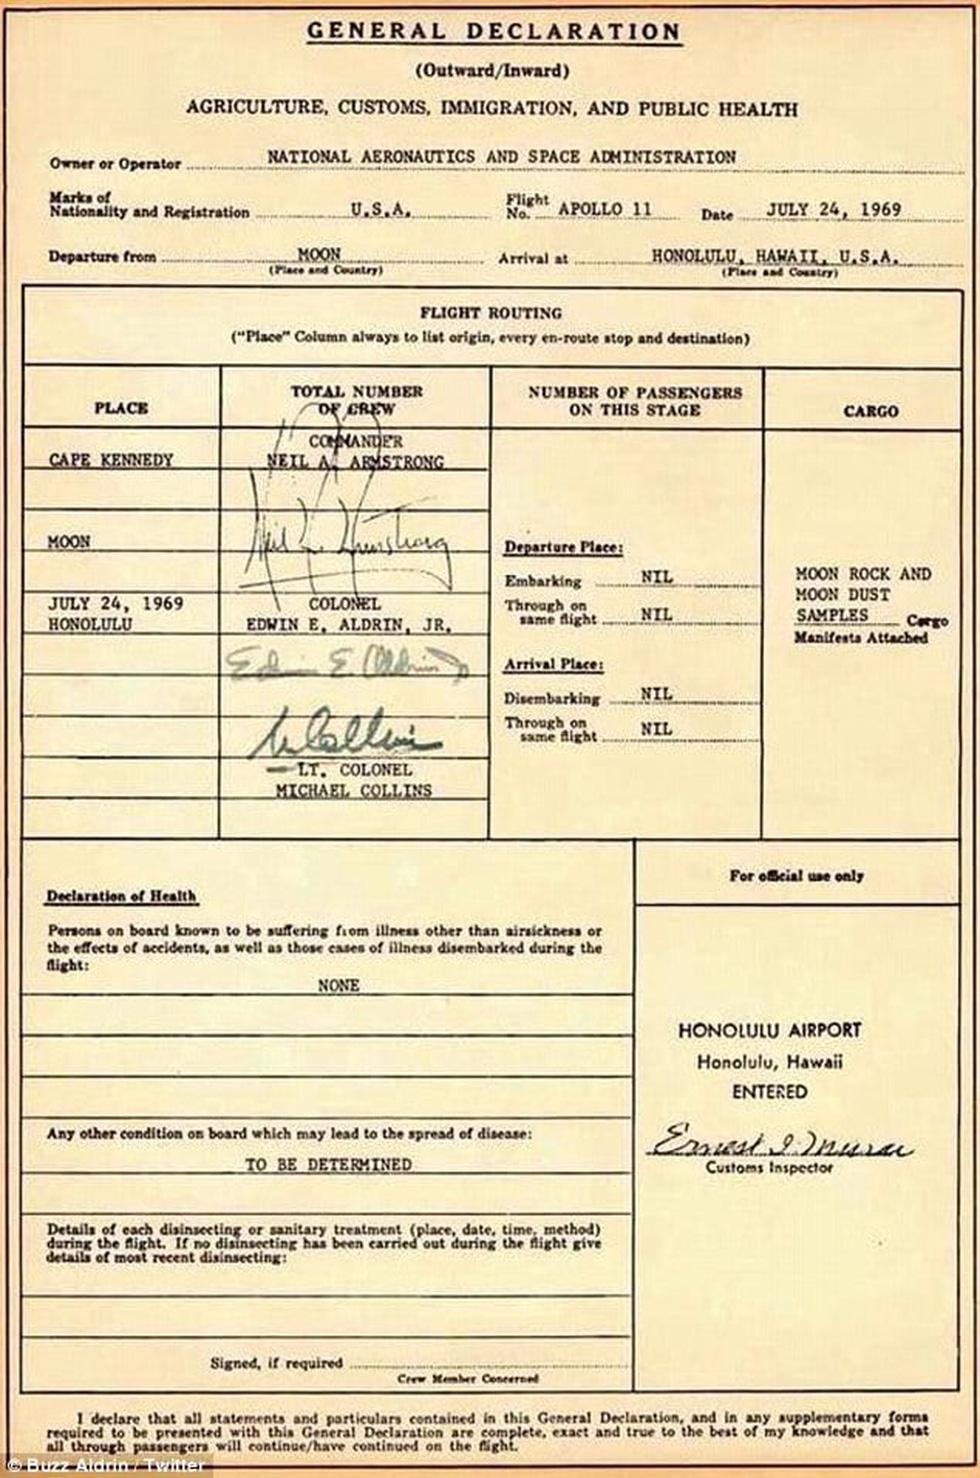 Neil Armstrong vứt phân trên mặt trăng và những chuyện chưa kể - Ảnh 3.